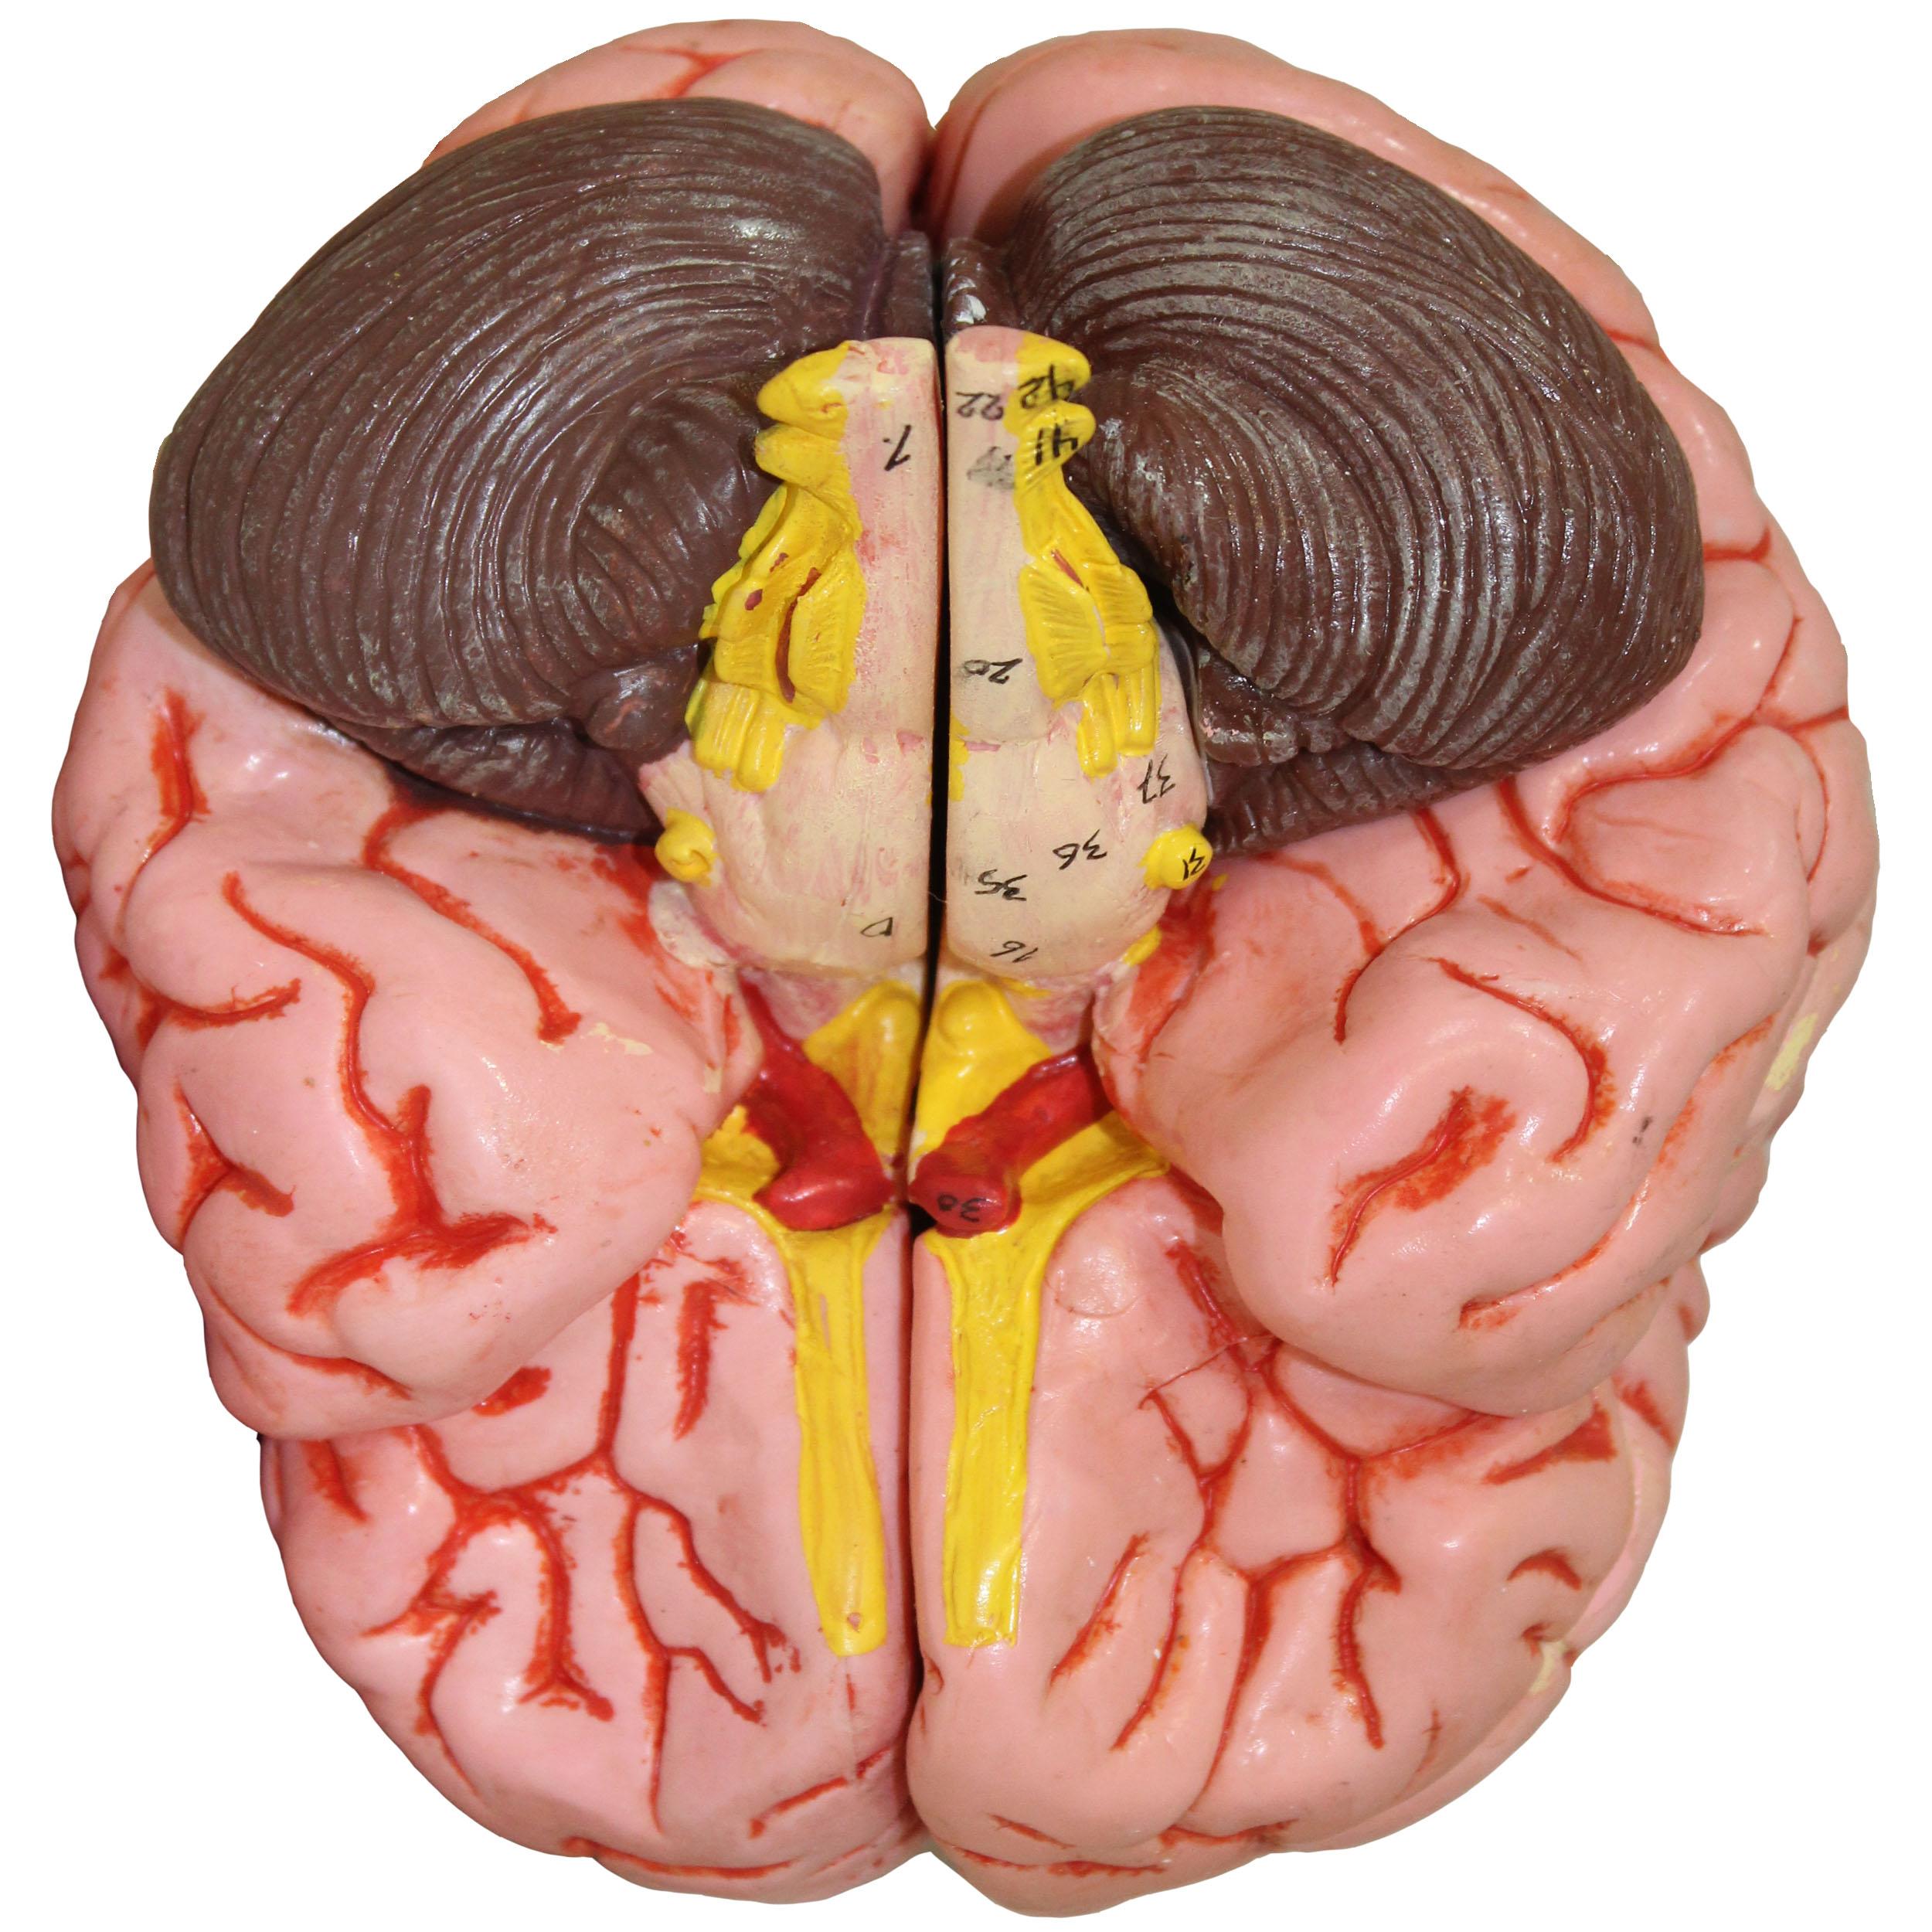 بازی آموزشی طرح آناتومی مغز انسان کد 18